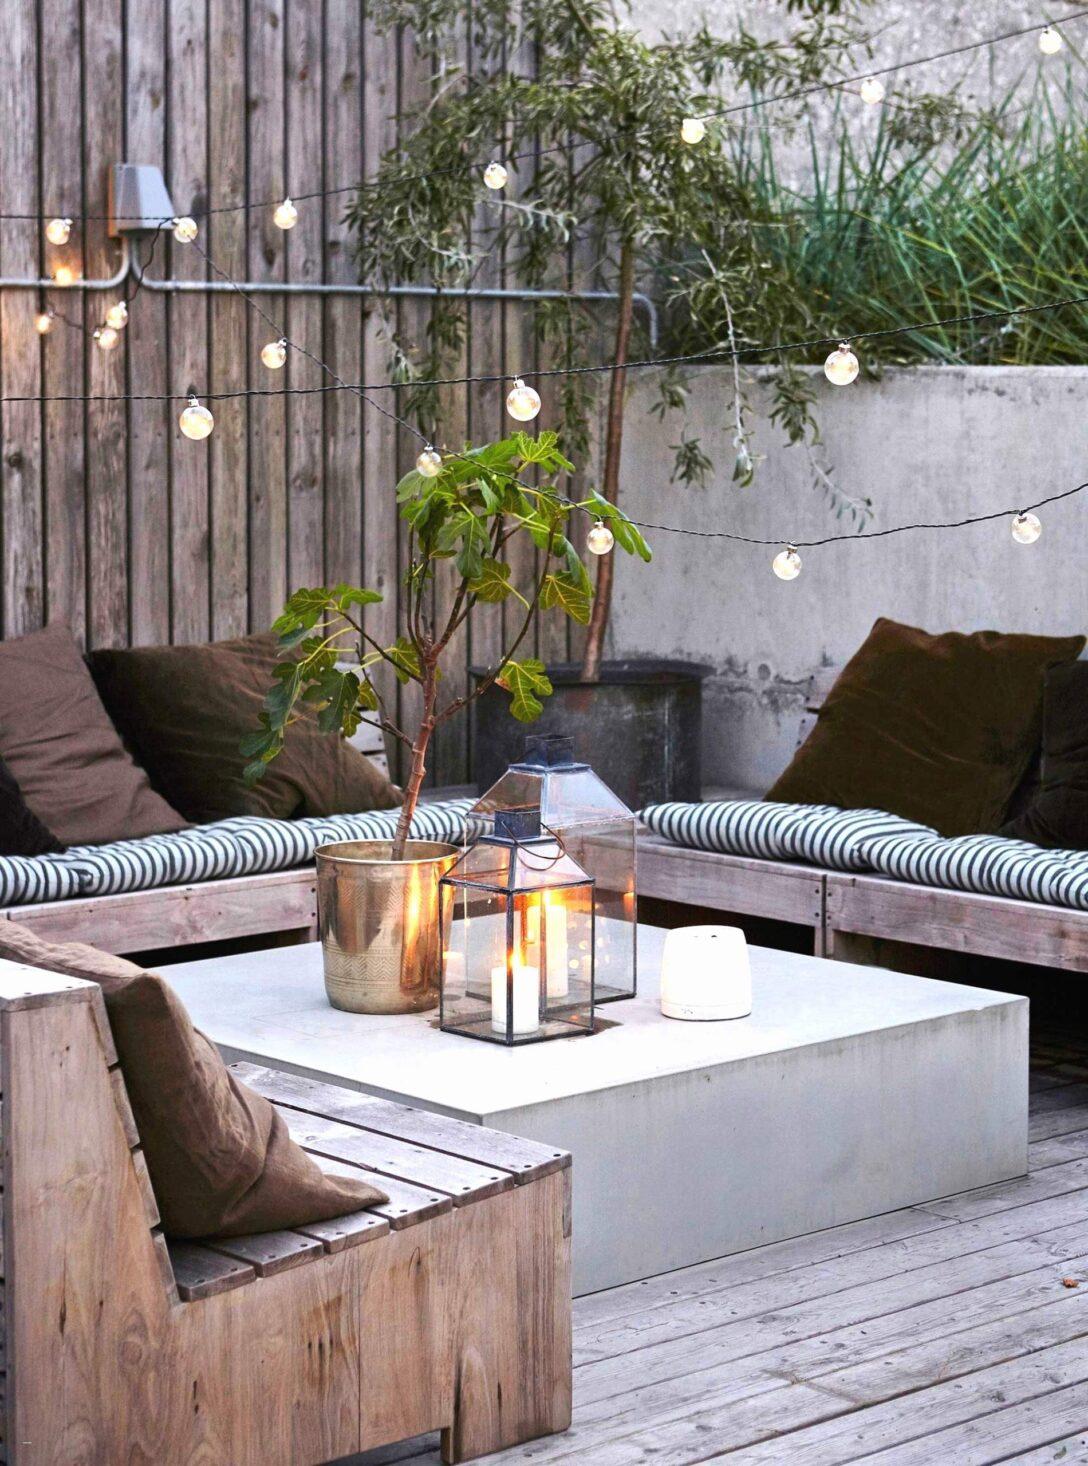 Large Size of Relaxliege Wohnzimmer Ikea Schaukelliege Elegant Kallaideen Luxus Stehlampe Board Fototapete Vorhänge Sessel Deckenlampen Tapete Modulküche Deckenlampe Wohnzimmer Relaxliege Wohnzimmer Ikea